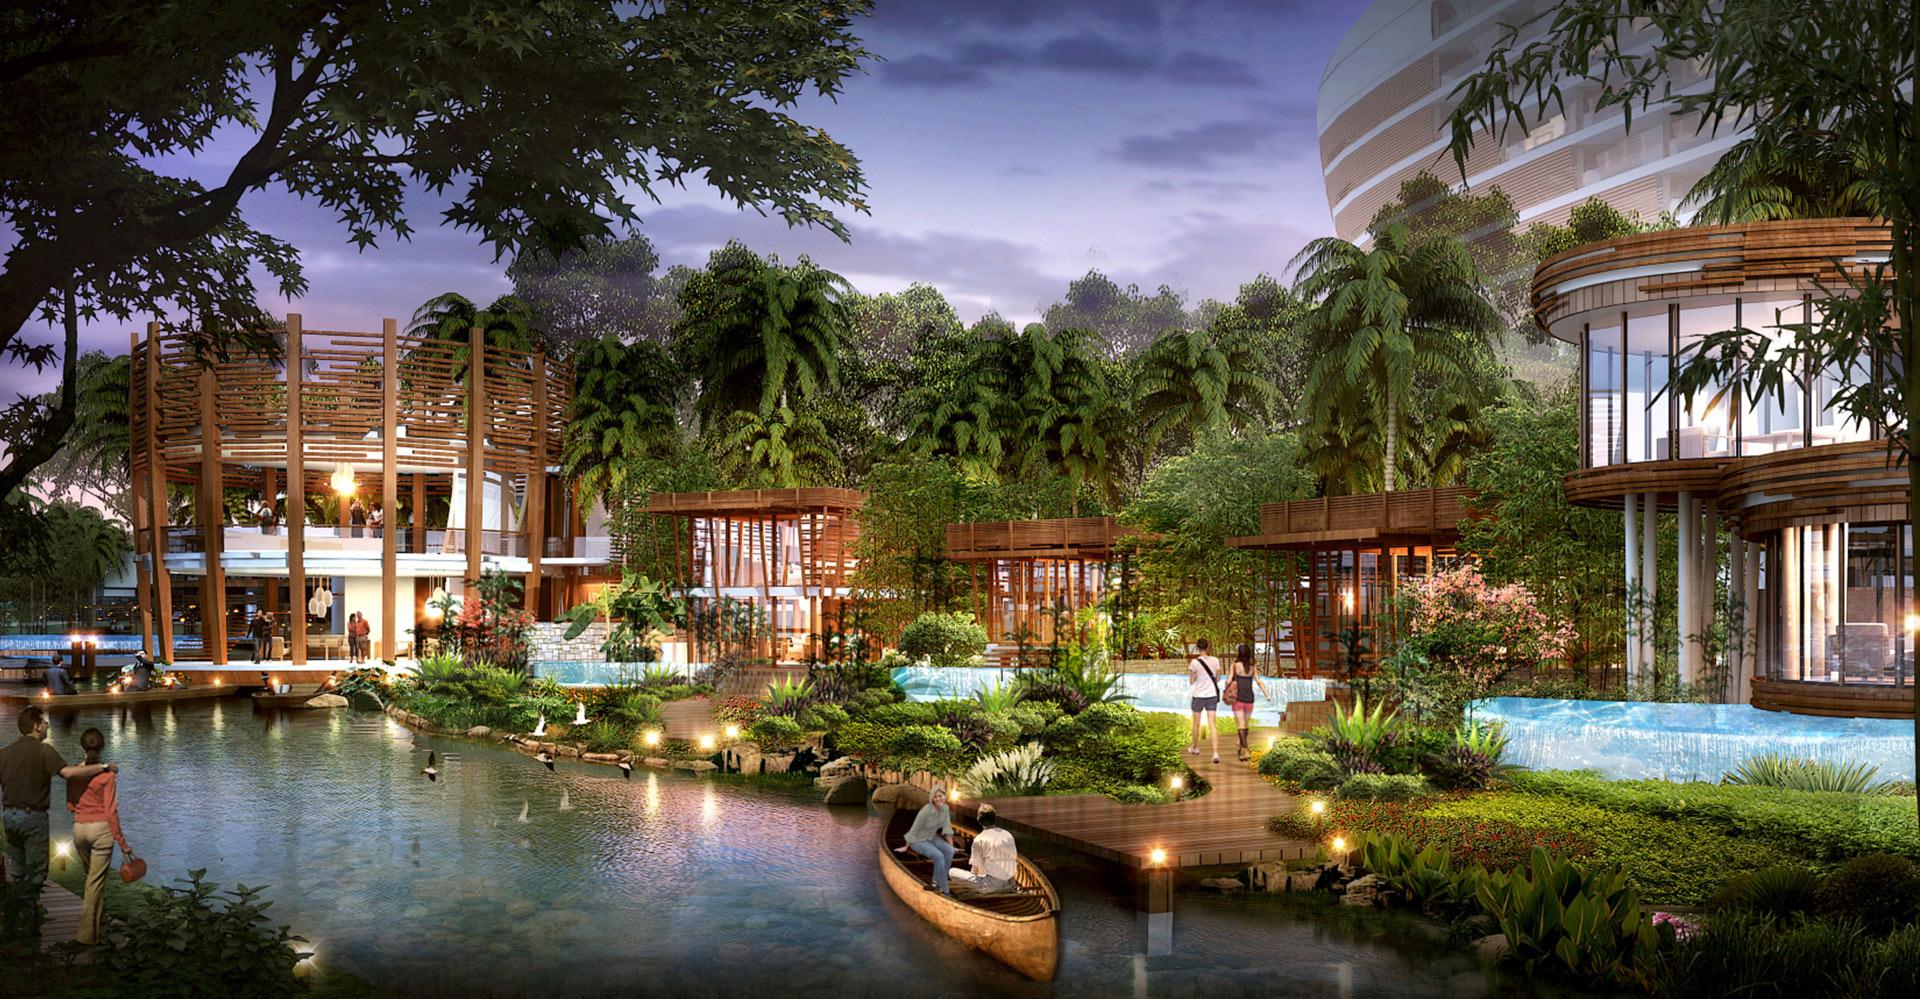 Yanlord Crowne Plaza Resort China WATG Waterway